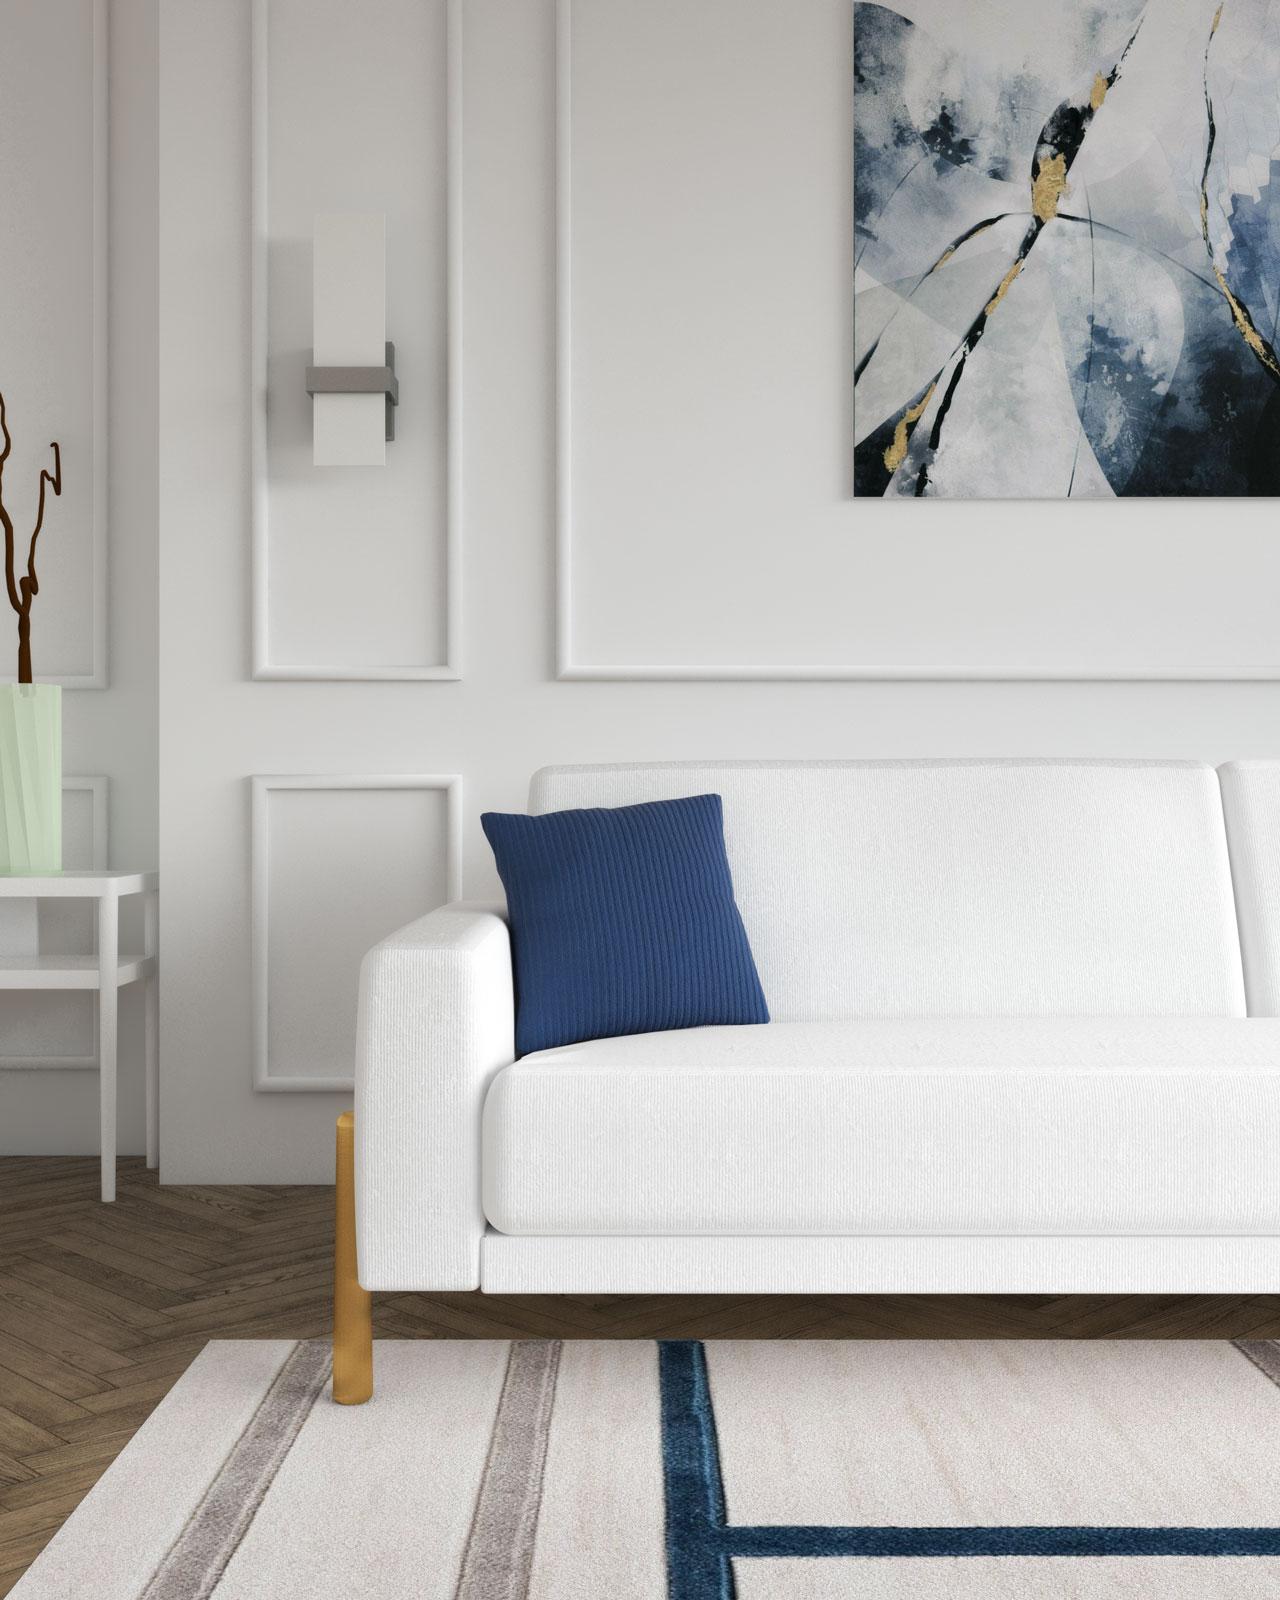 White sofa with navy blue throw pillow